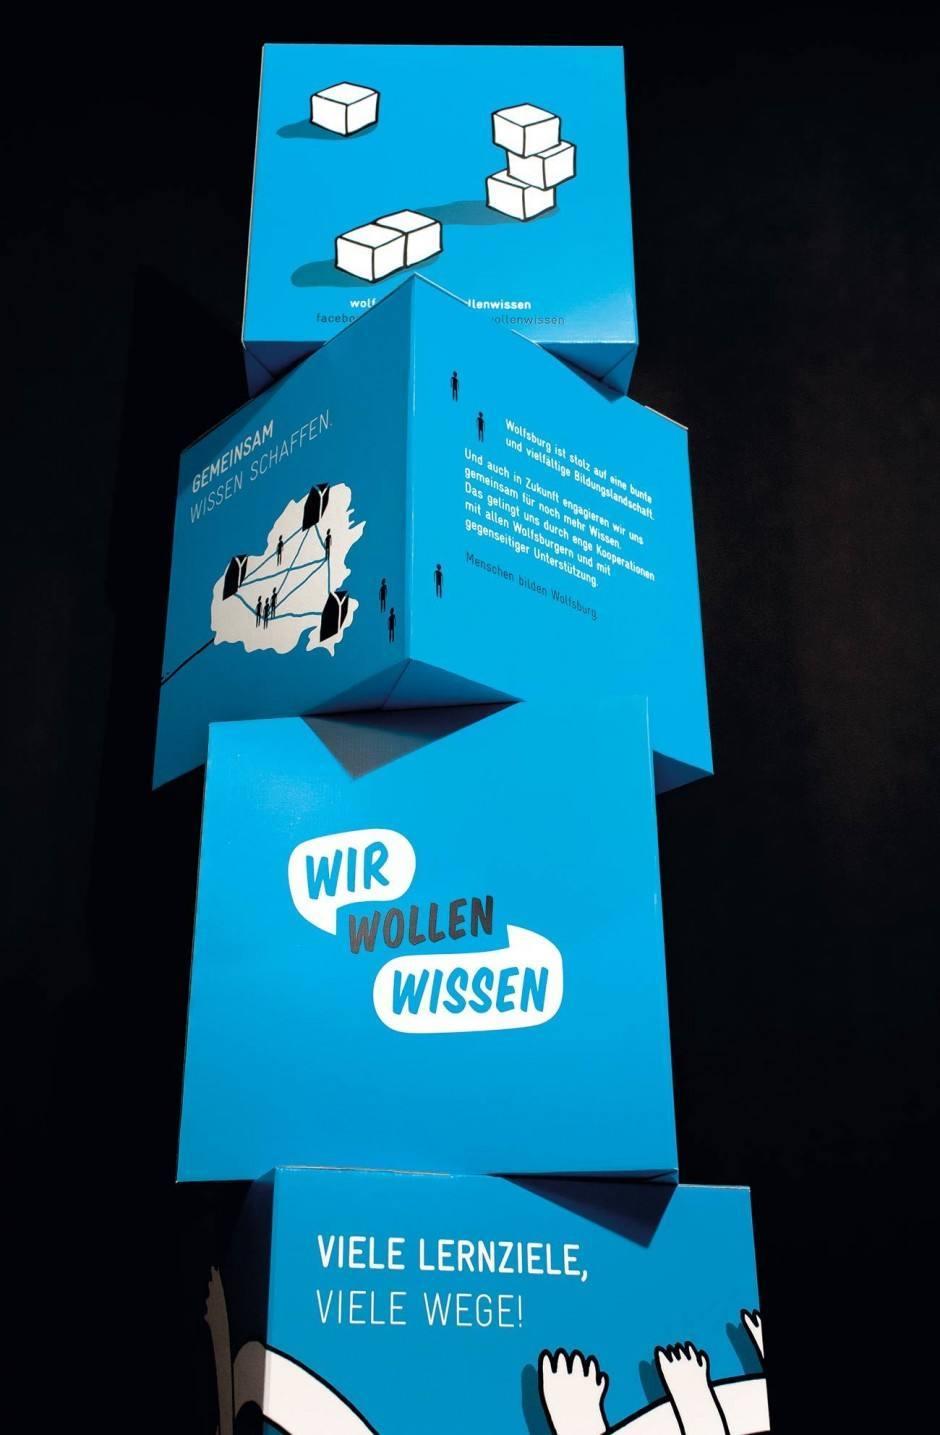 Insgesamt 164 Illustrationen fertigte Stefan Mosebach für die umfangreiche, von Karl Anders konzipierte Kampagne »Wir wollen es wissen« der Stadt Wolfsburg an